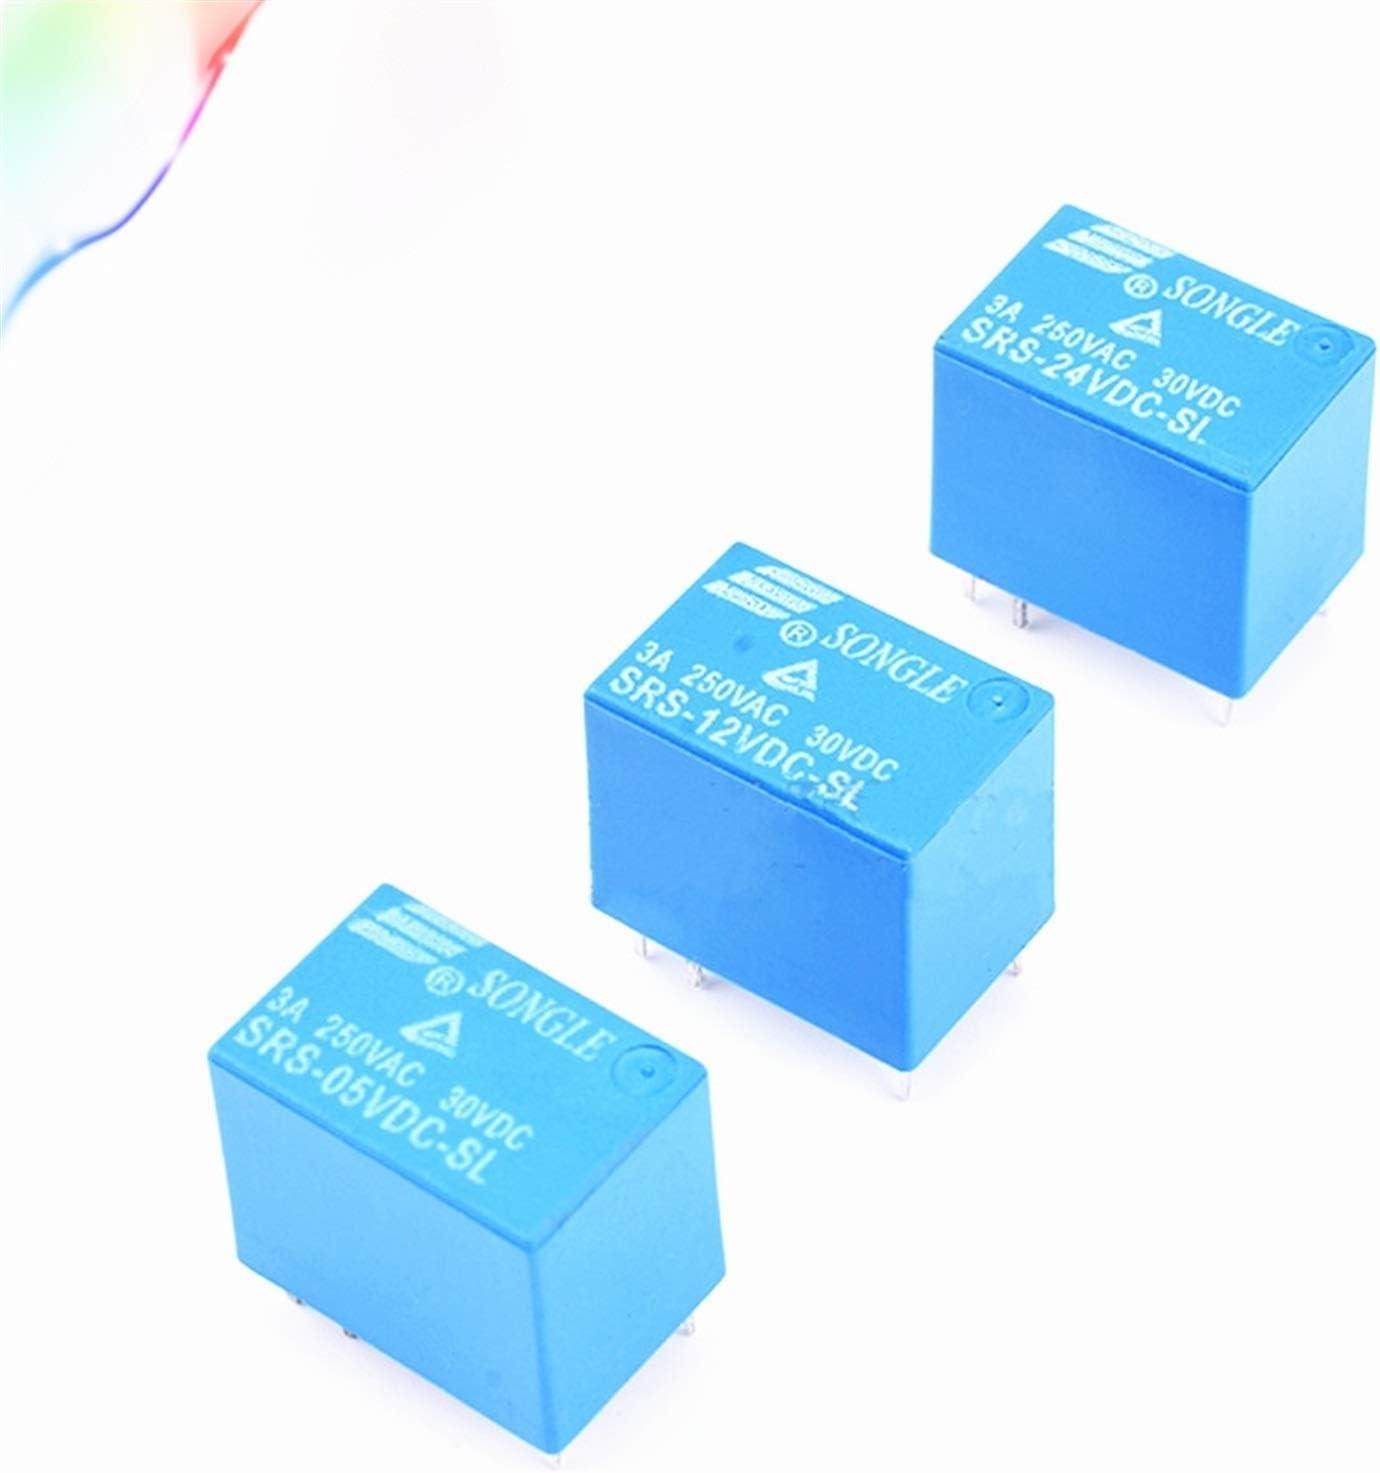 JSJJAES Relé 5pcs Relés Tipos Power Relay SRS PCB 6 Pines Blue 5V 9V 12V 24V SRS-05VDC-SL SRS-12VDC-SL SRS-24VDC-SL * FD390-392 (Size : SRS 05VDC SL)